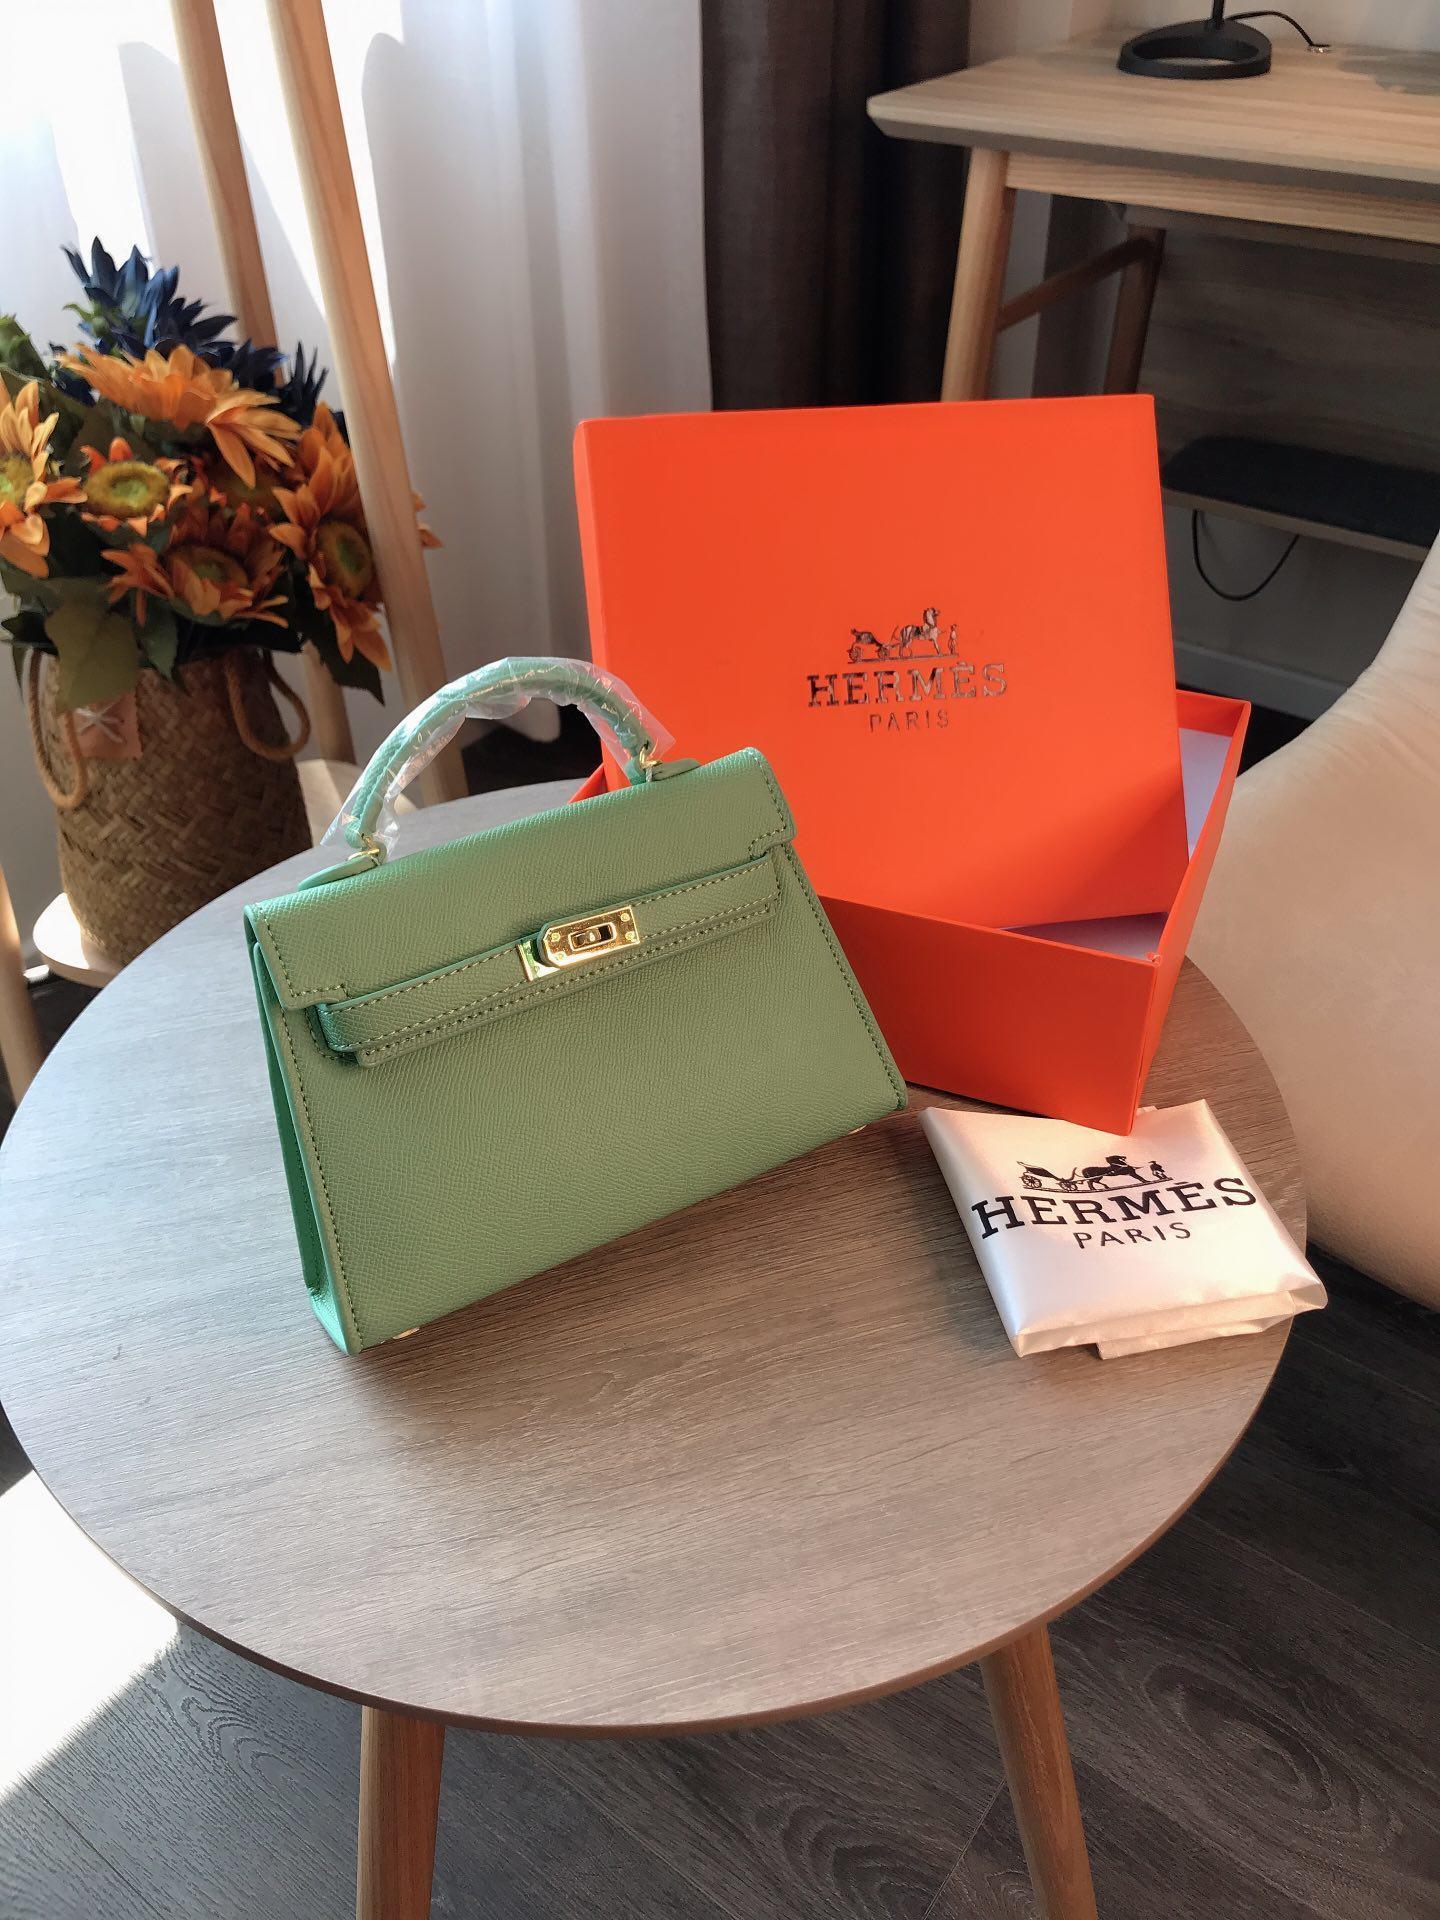 2019 جديد أزياء حقائب الكتف سلسلة رجال والجودة CROSSBODY كلاسيكي حقائب نسائية عالية حقائب الساخن بيع -1795100